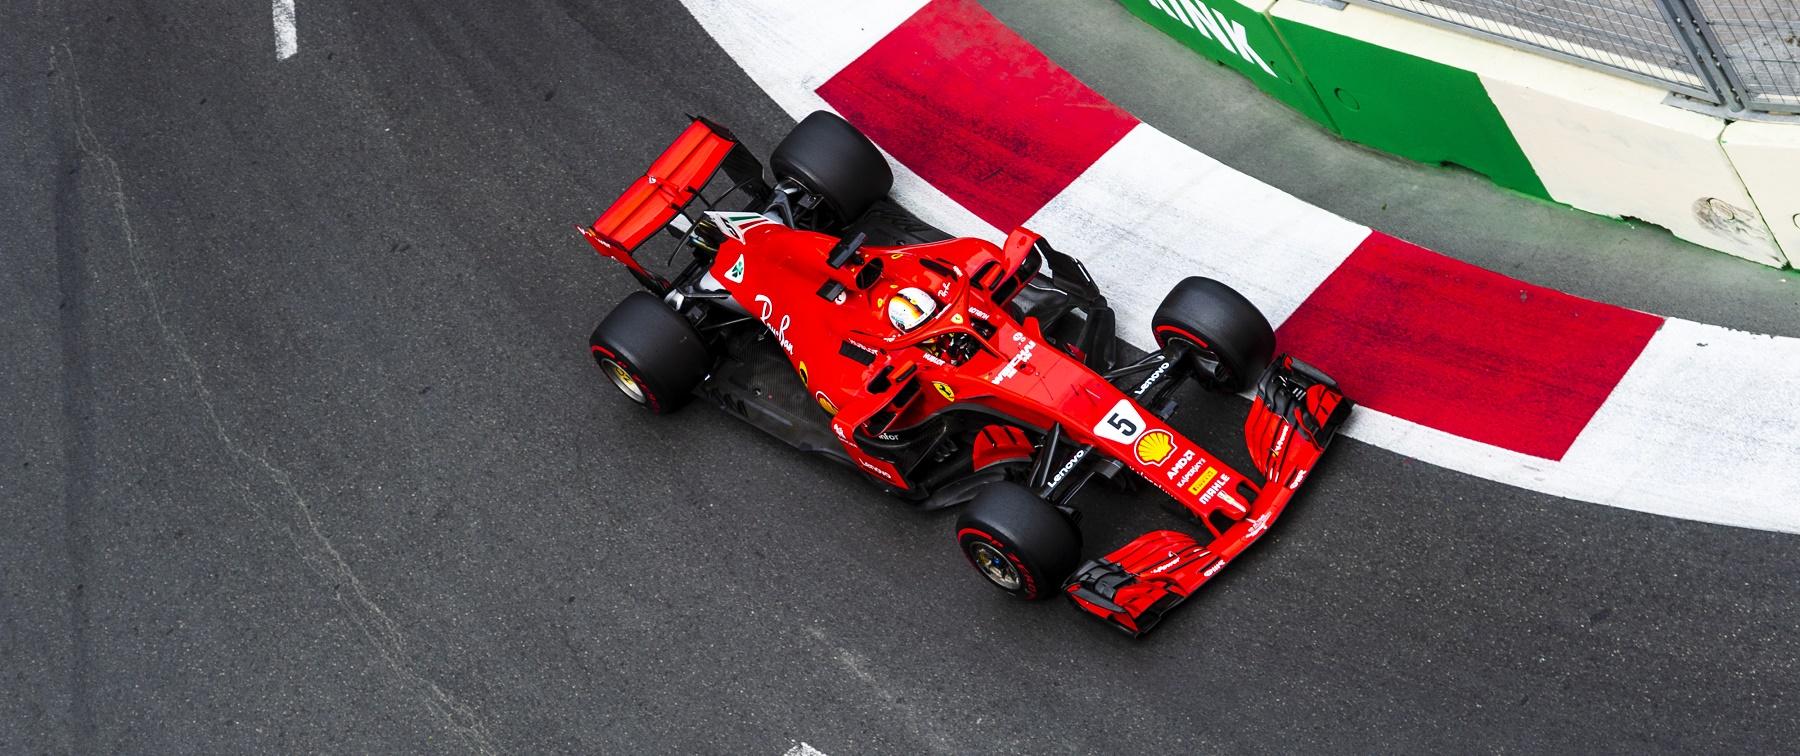 Ferrari, Vettel